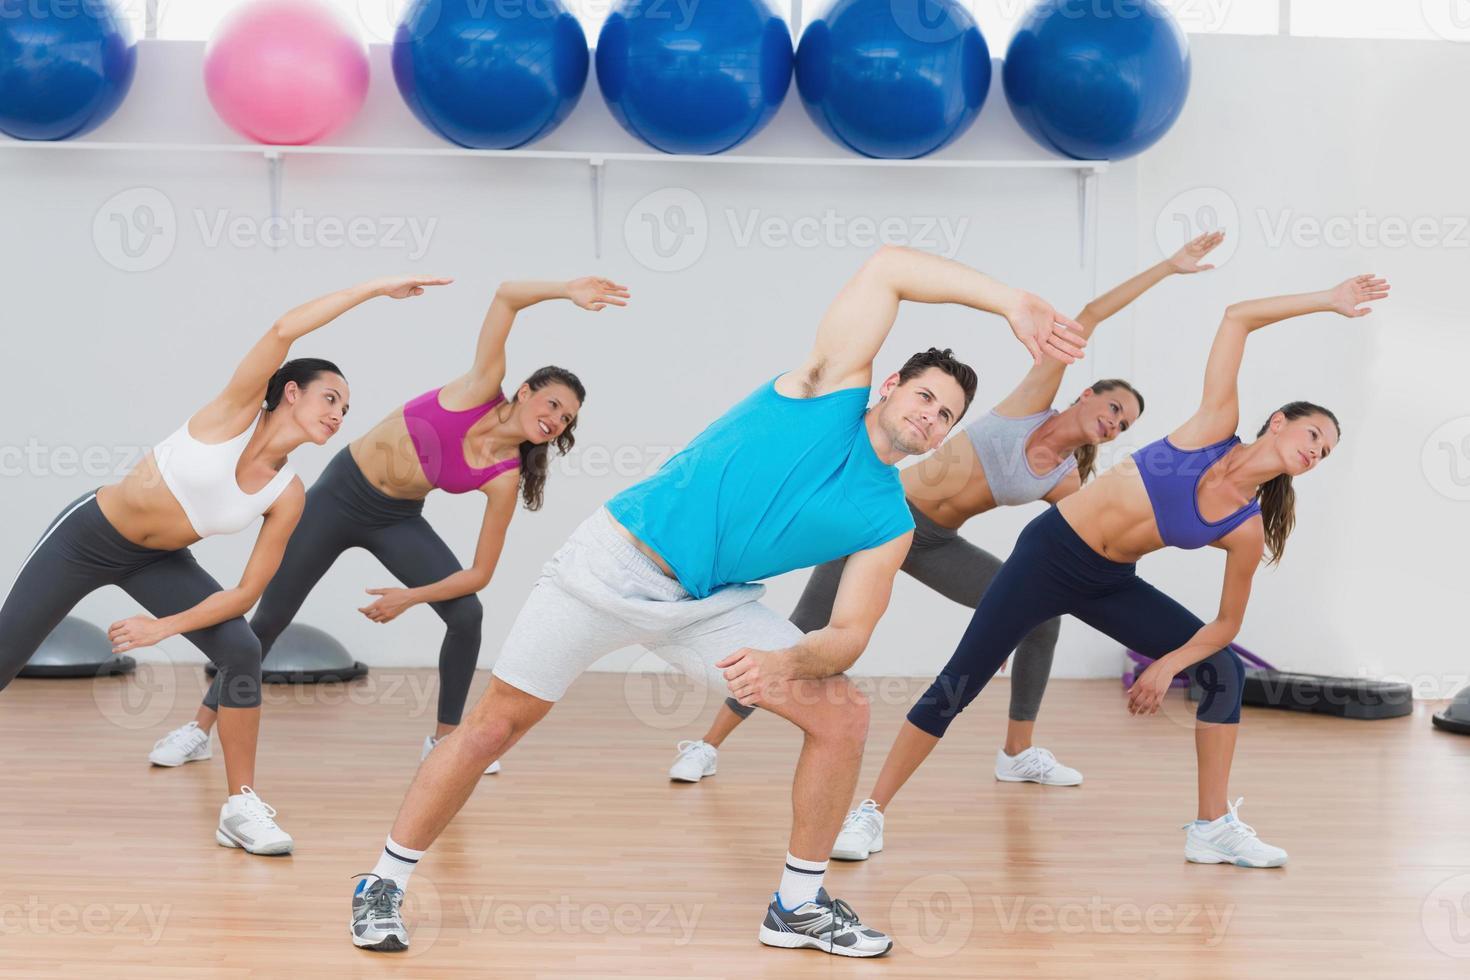 clase haciendo ejercicios de estiramiento en gimnasio foto